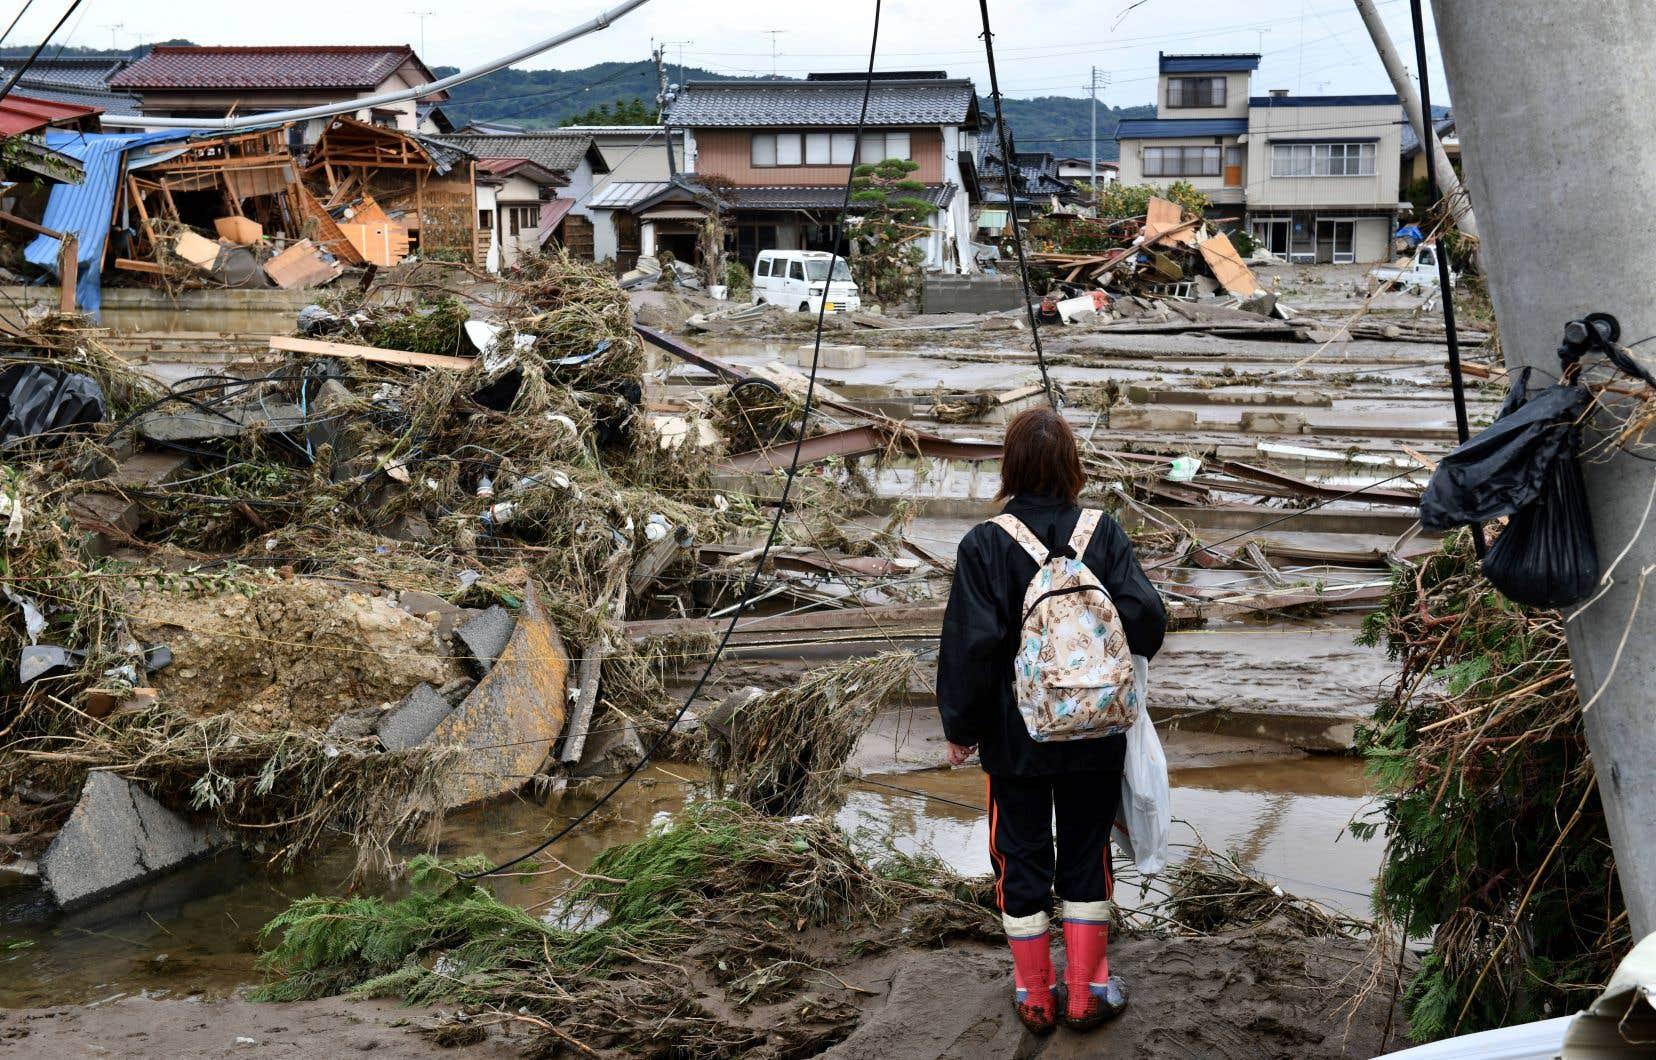 Quelque 180 cours d'eau sont en partie sortis de leur lit ou ont vu leurs digues détruites par une eau en furie qui a envahi des quartiers résidentiels non seulement dans les zones rurales, mais aussi dans de populeuses villes de banlieue tokyoïte.